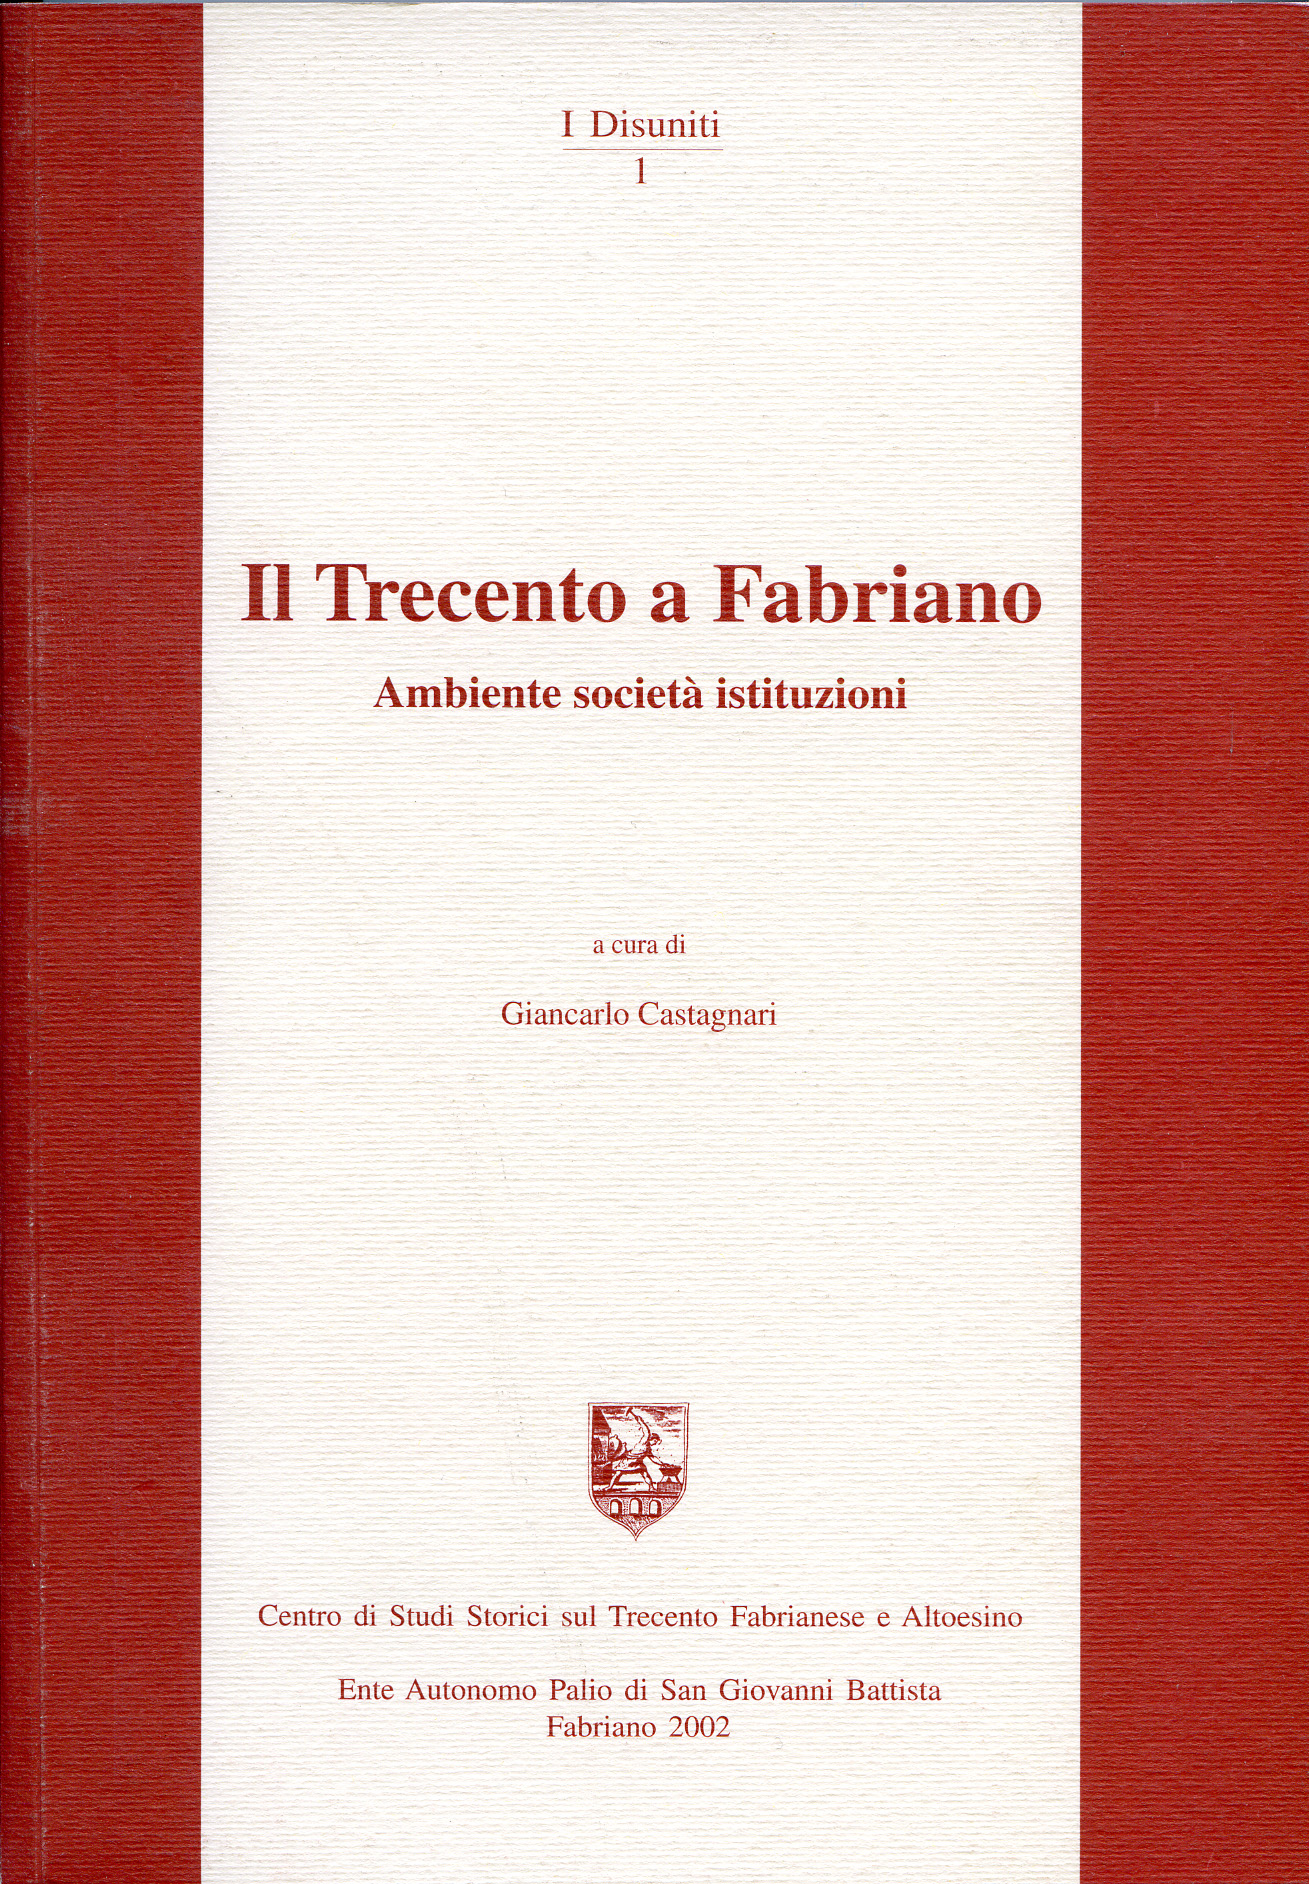 Il Trecento a Fabriano